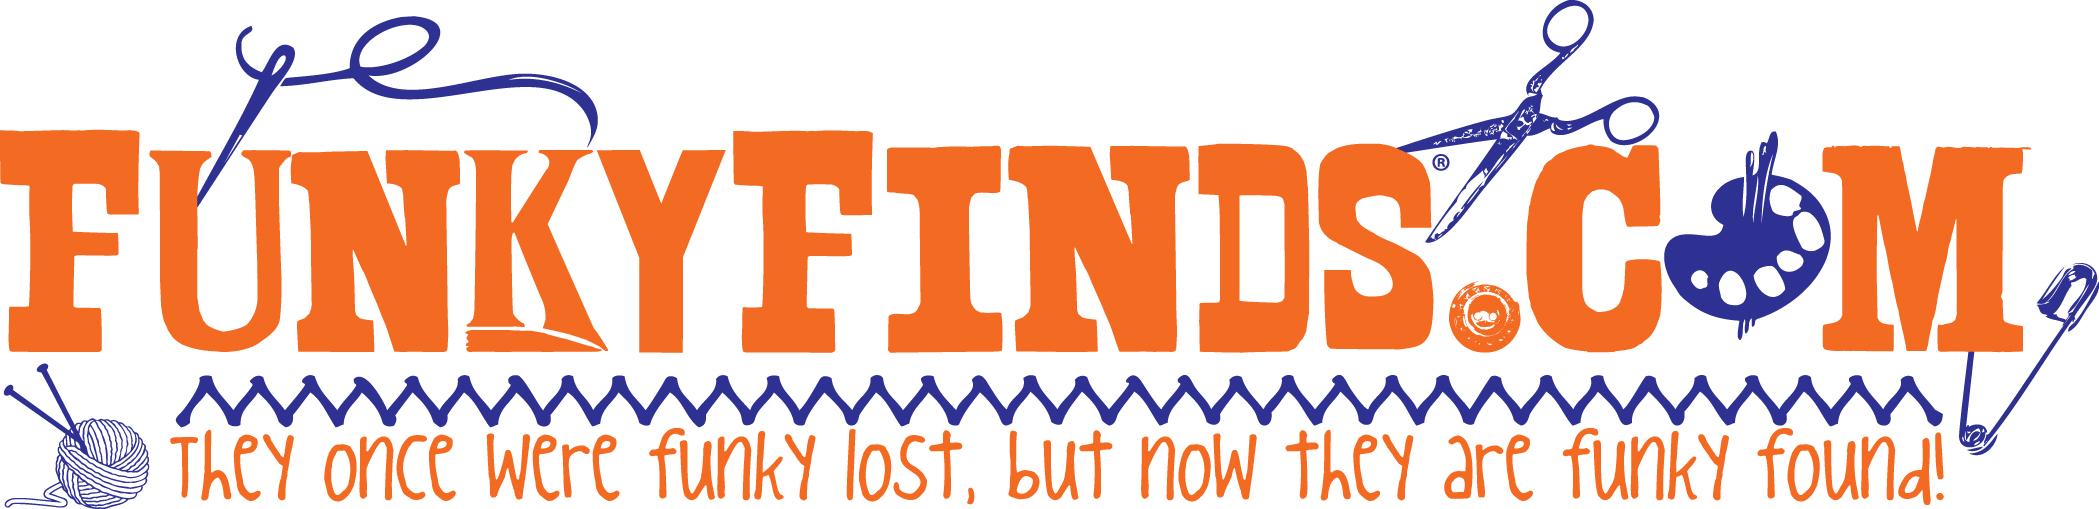 funky finds logo.jpg